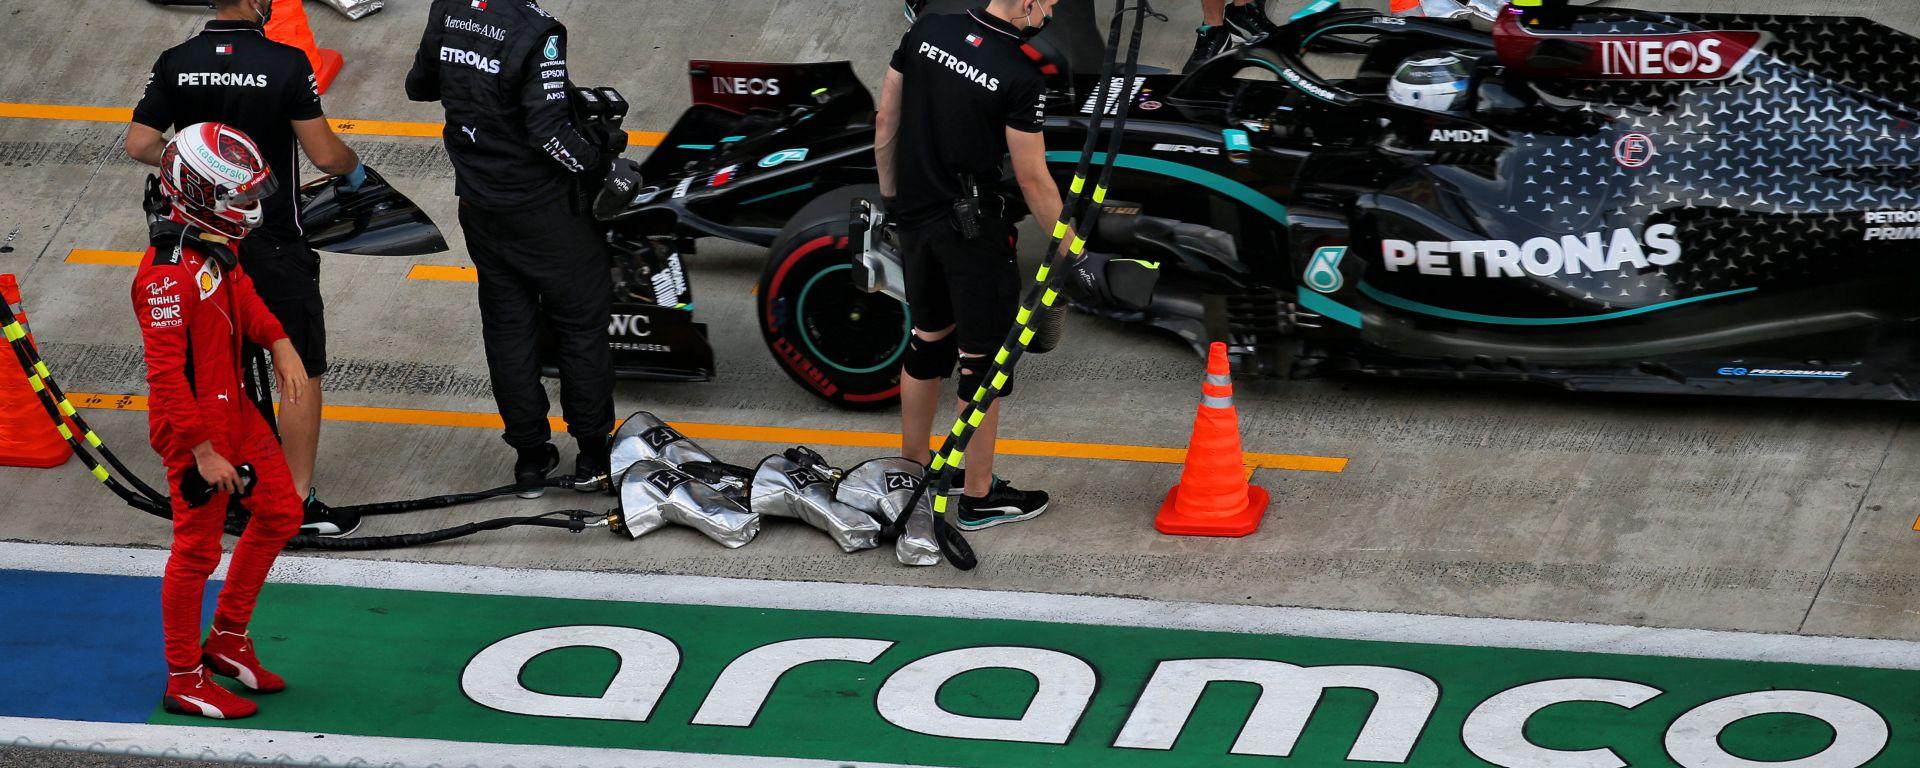 F1 GP Russia 2020, Sochi: Charles Leclerc (Scuderia Ferrari) a testa bassa dopo l'eliminazione in Q2